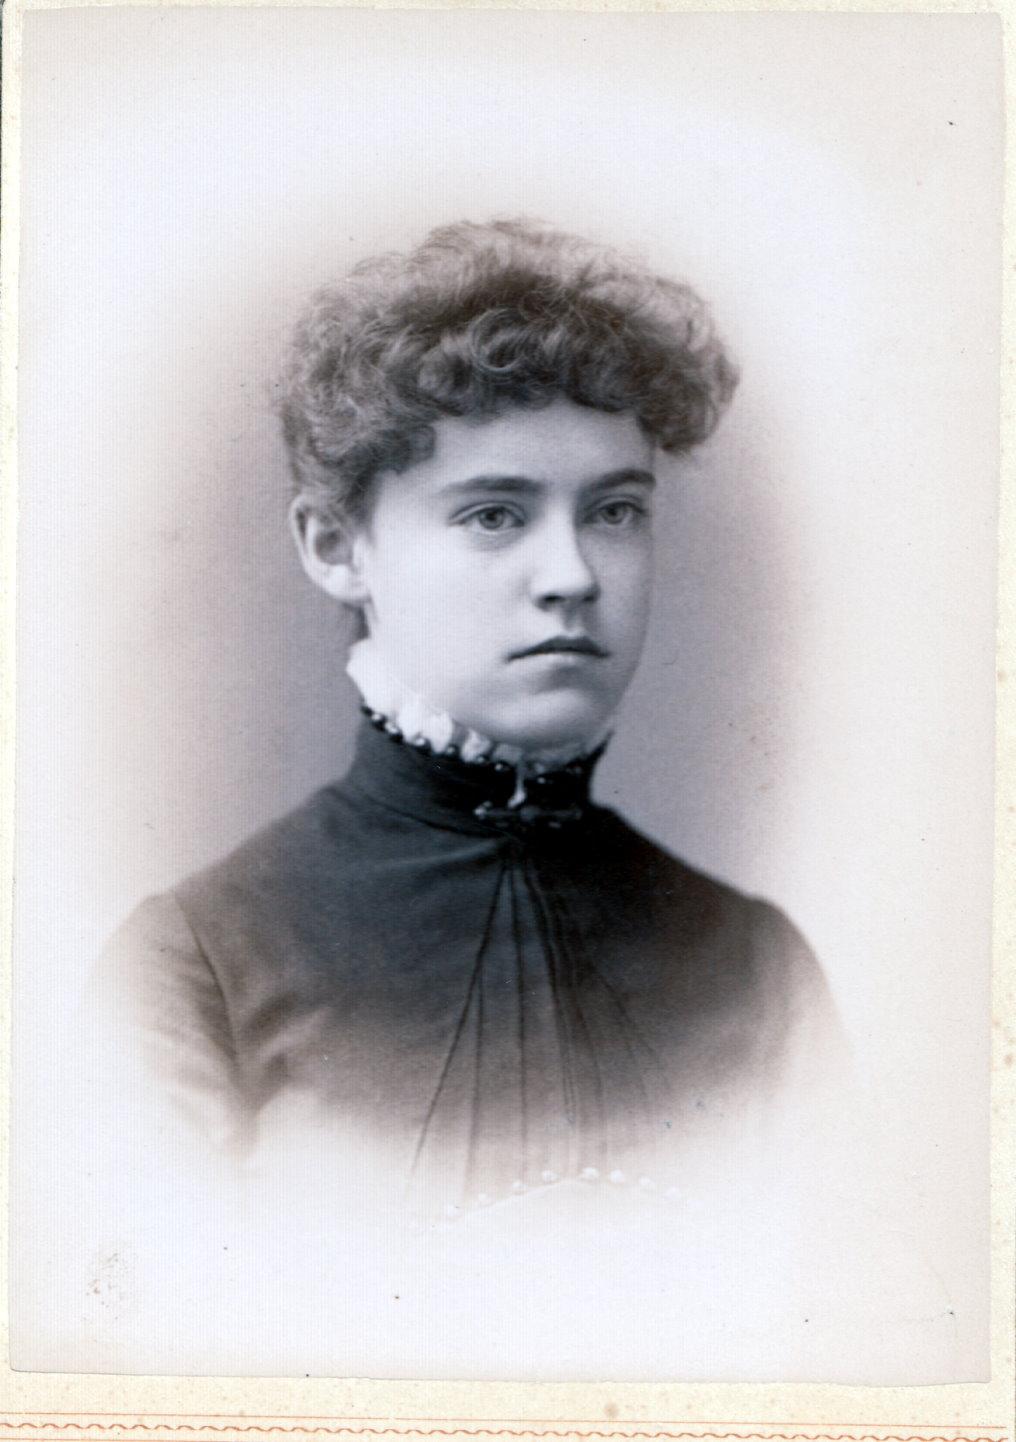 Ethel G. Lamprey, Class of 1888, Manchester (NH) High School